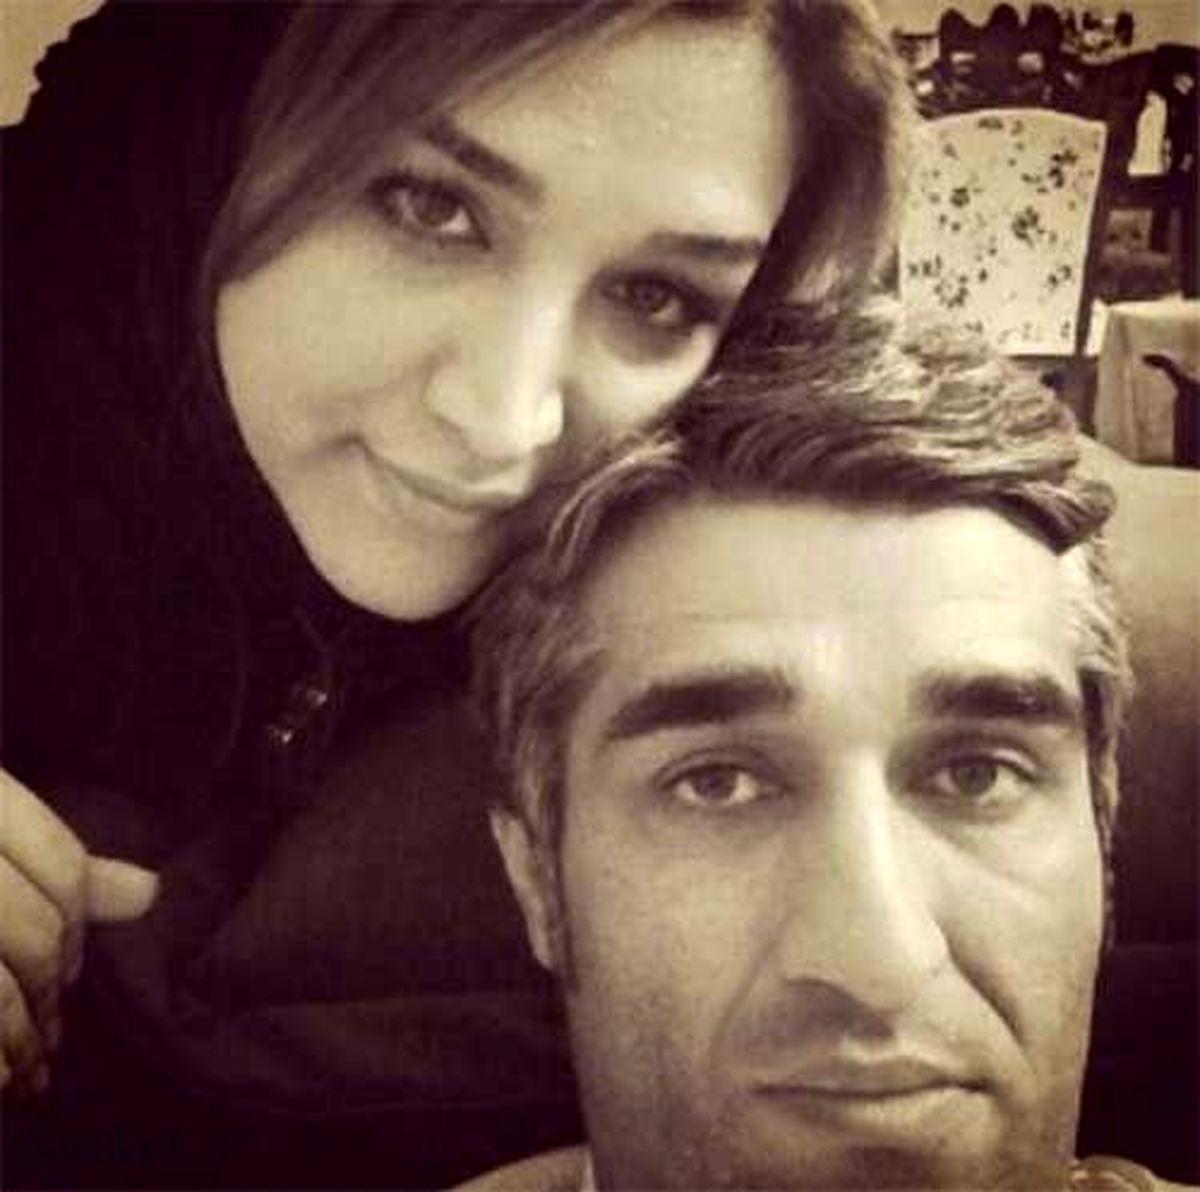 جشن تولد 45 سالگی پژمان جمشیدی در کنار آتیلا حجازی   بیوگرافی پژمان جمشیدی